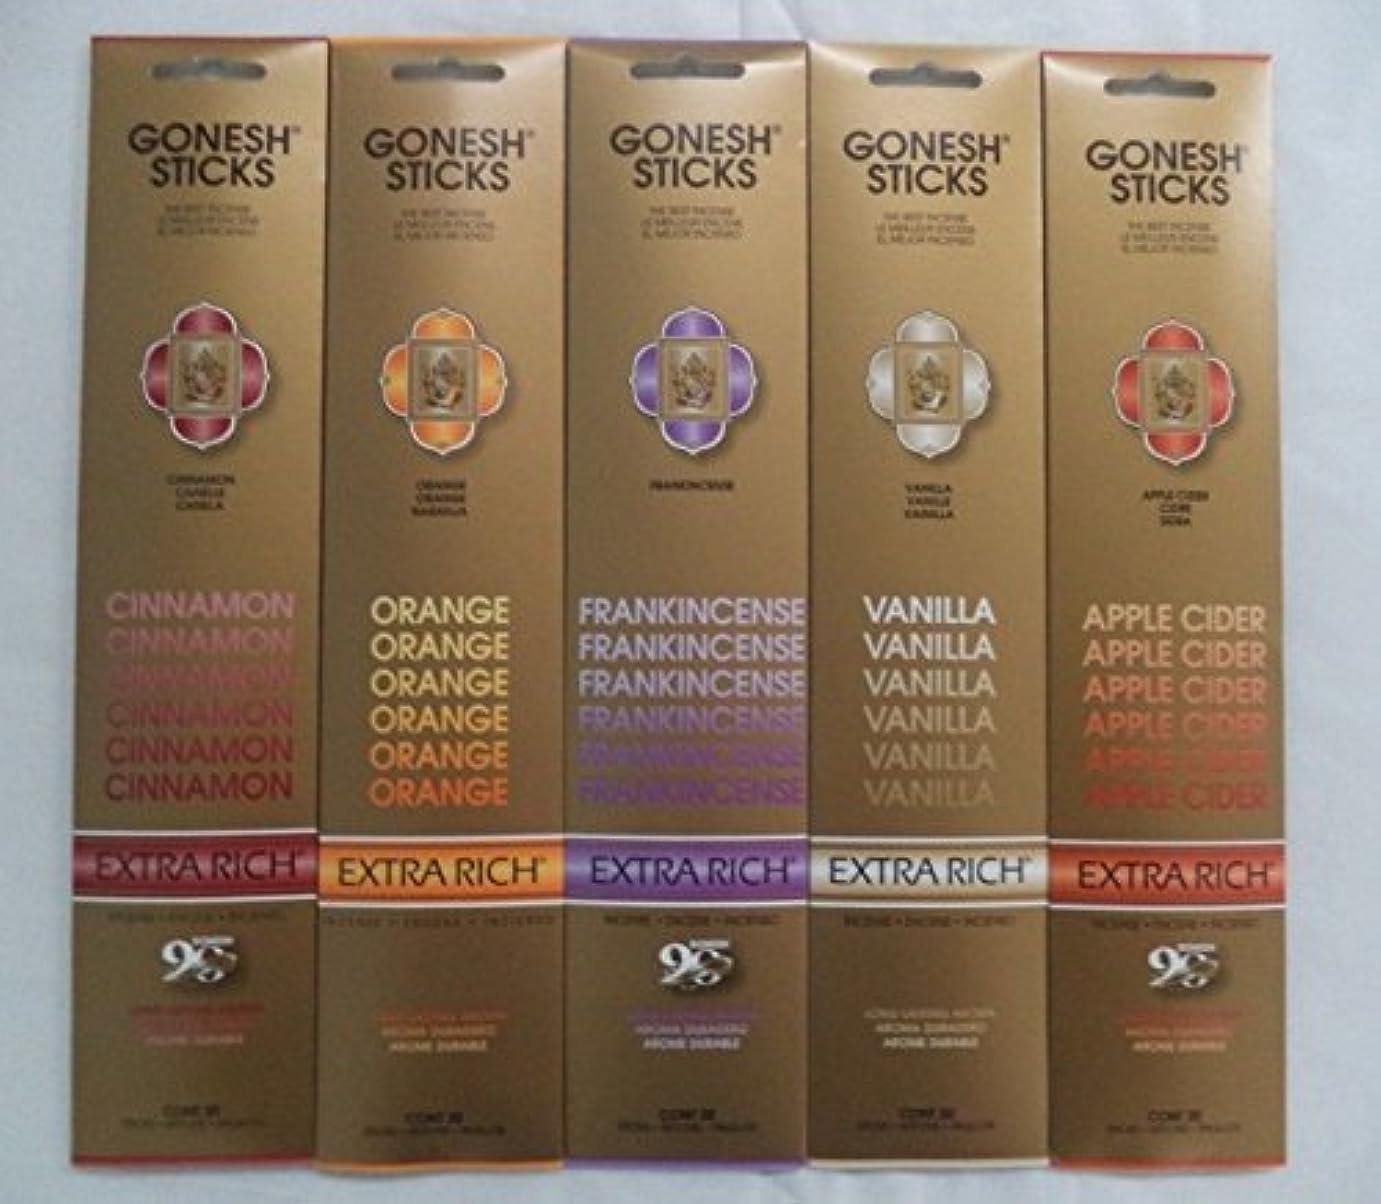 虚偽登録適応的Gonesh IncenseクリスマスHoliday Best Seller Variety Set # 1 5 x 20 = 100 Sticks